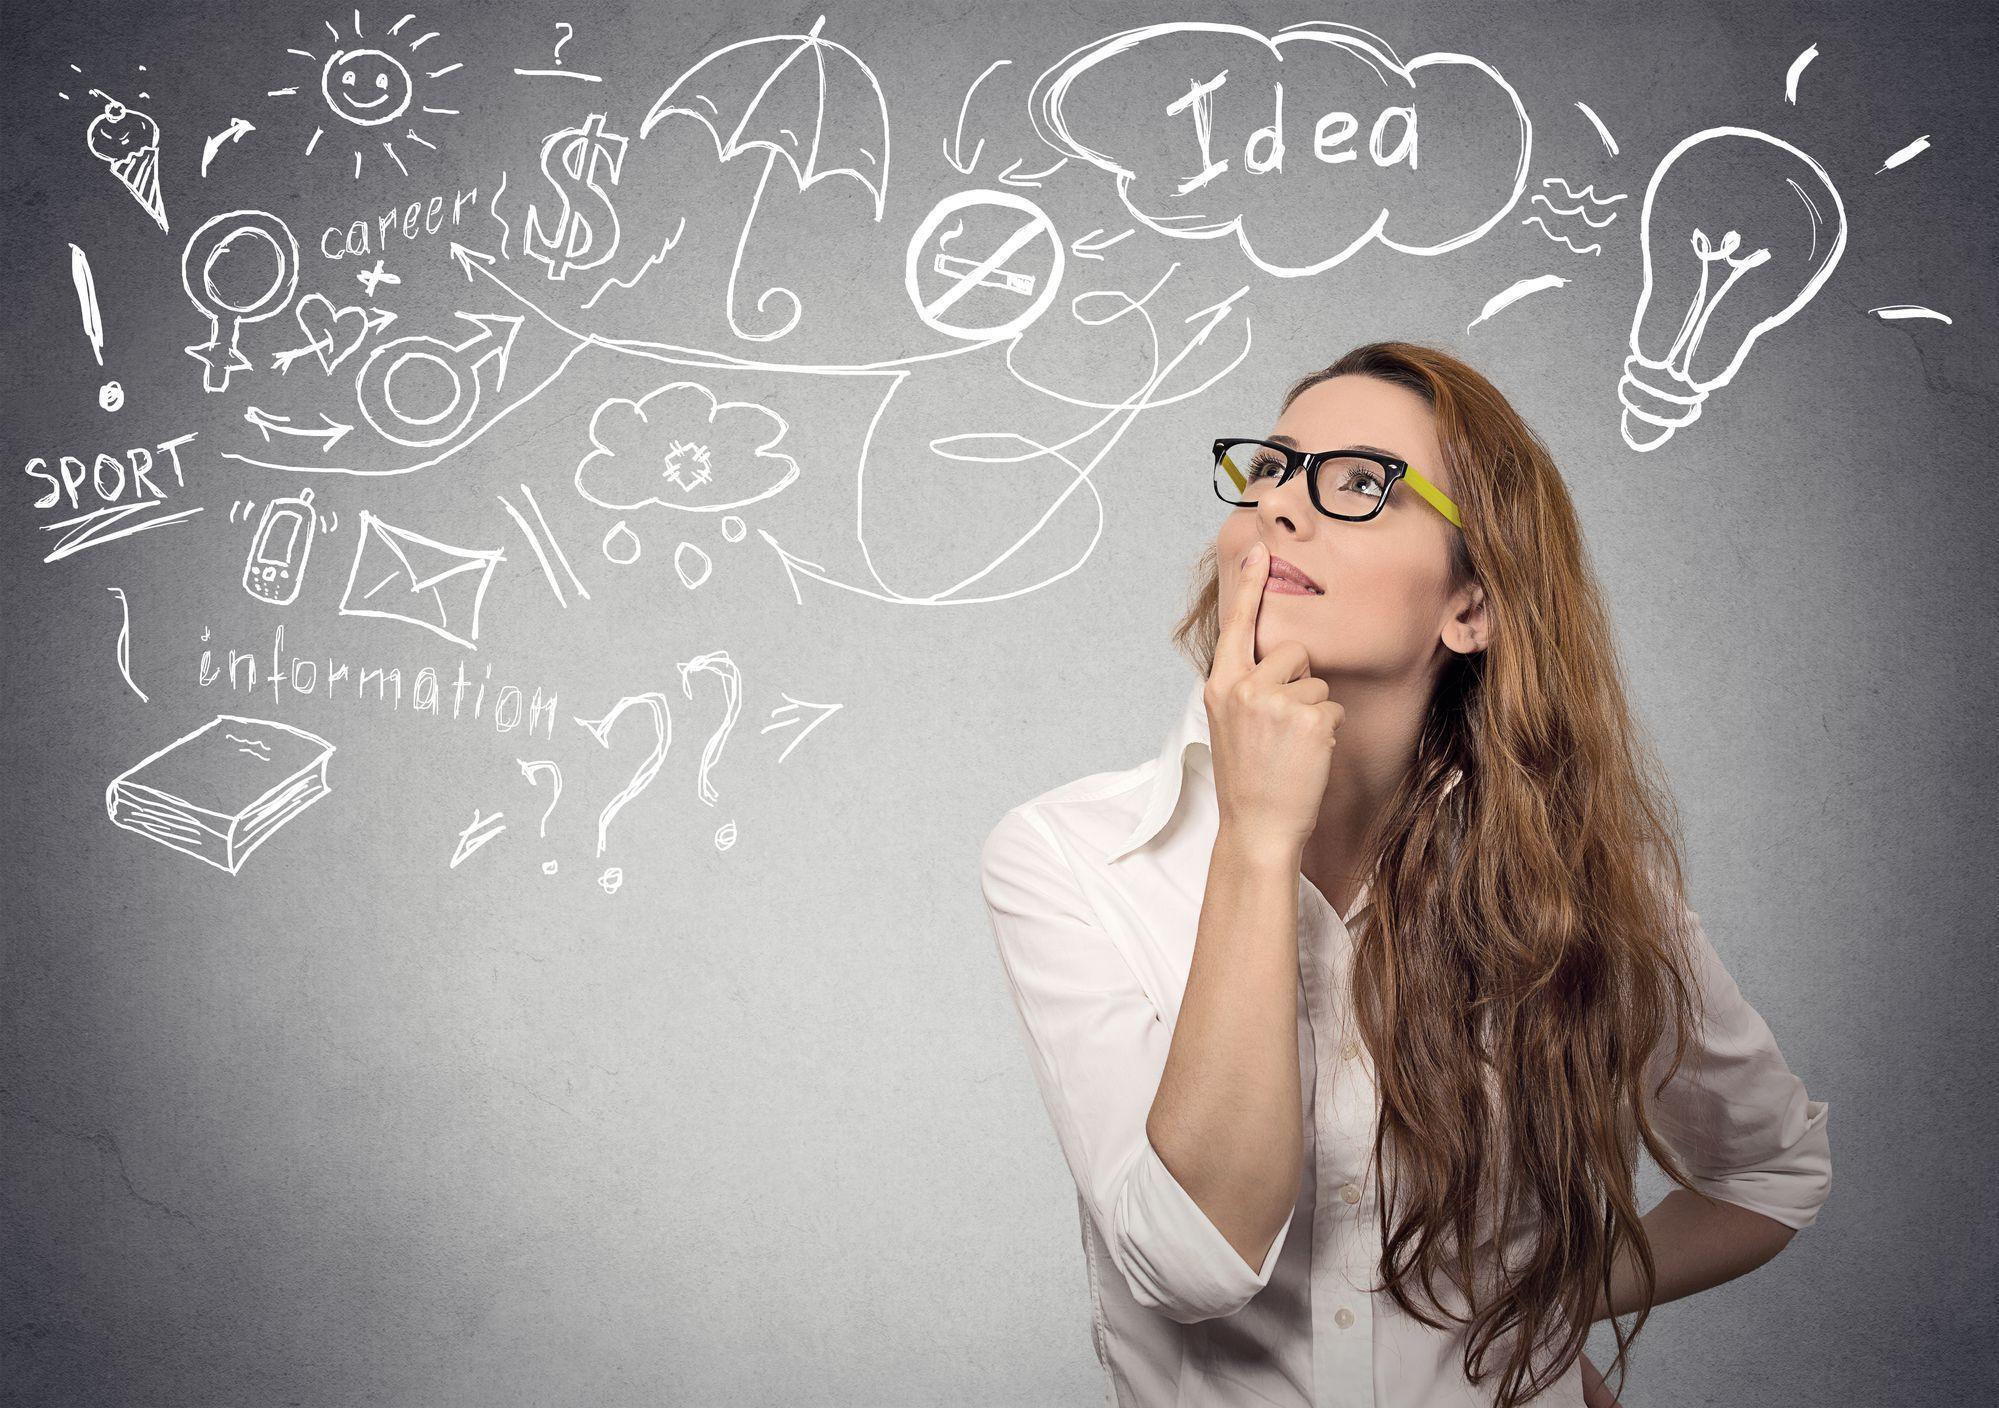 fdlx.com Как стать умнее: простые правила для мужчин и девушек, чтобы стать умным человеком